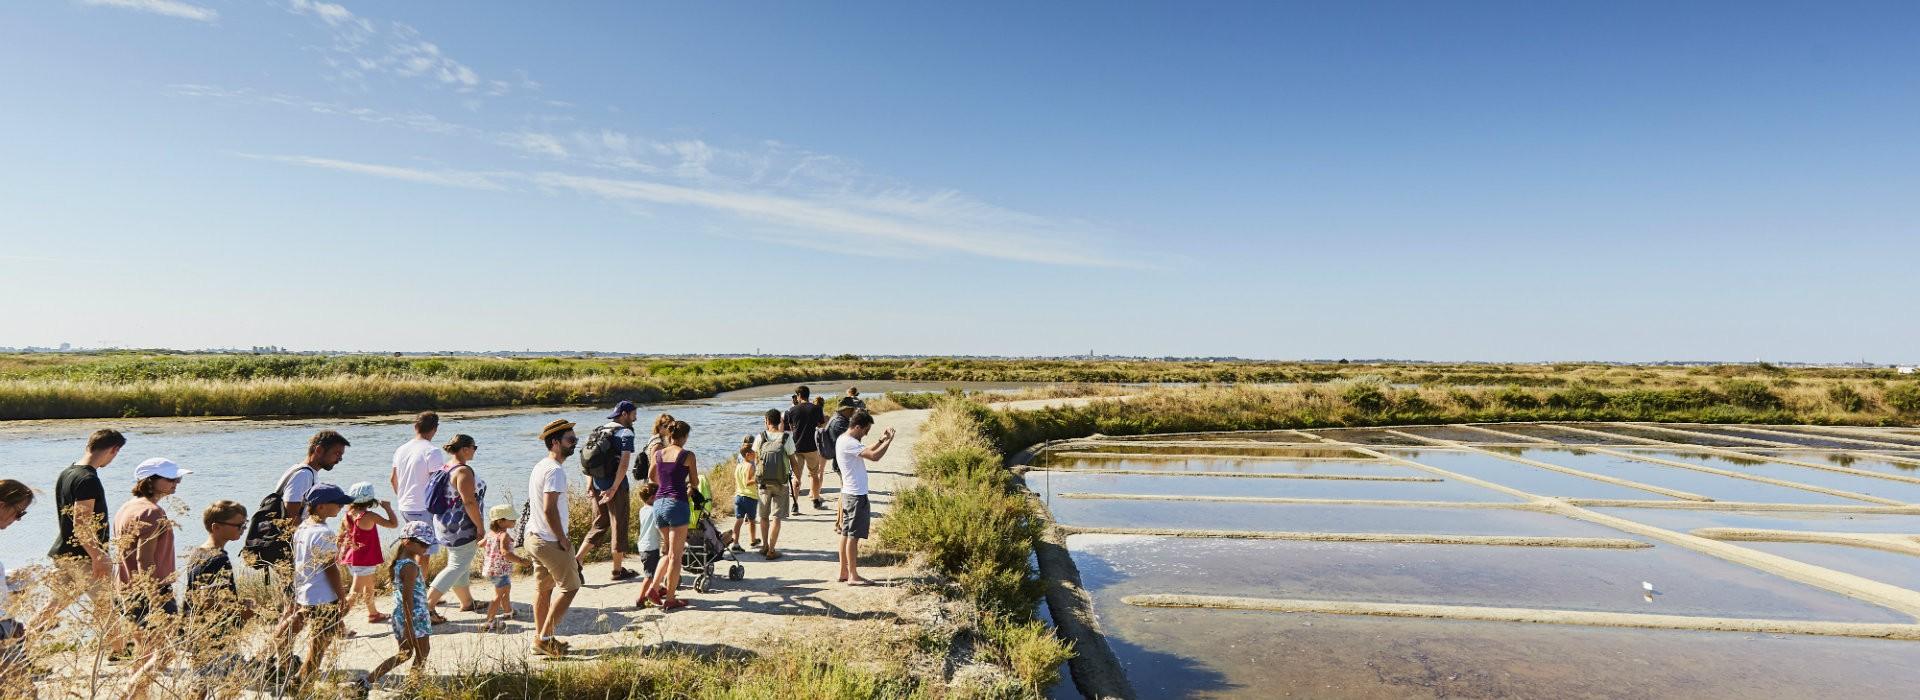 Groupes & Scolaires - Visite des marais salants - Alexandre Lamoureux